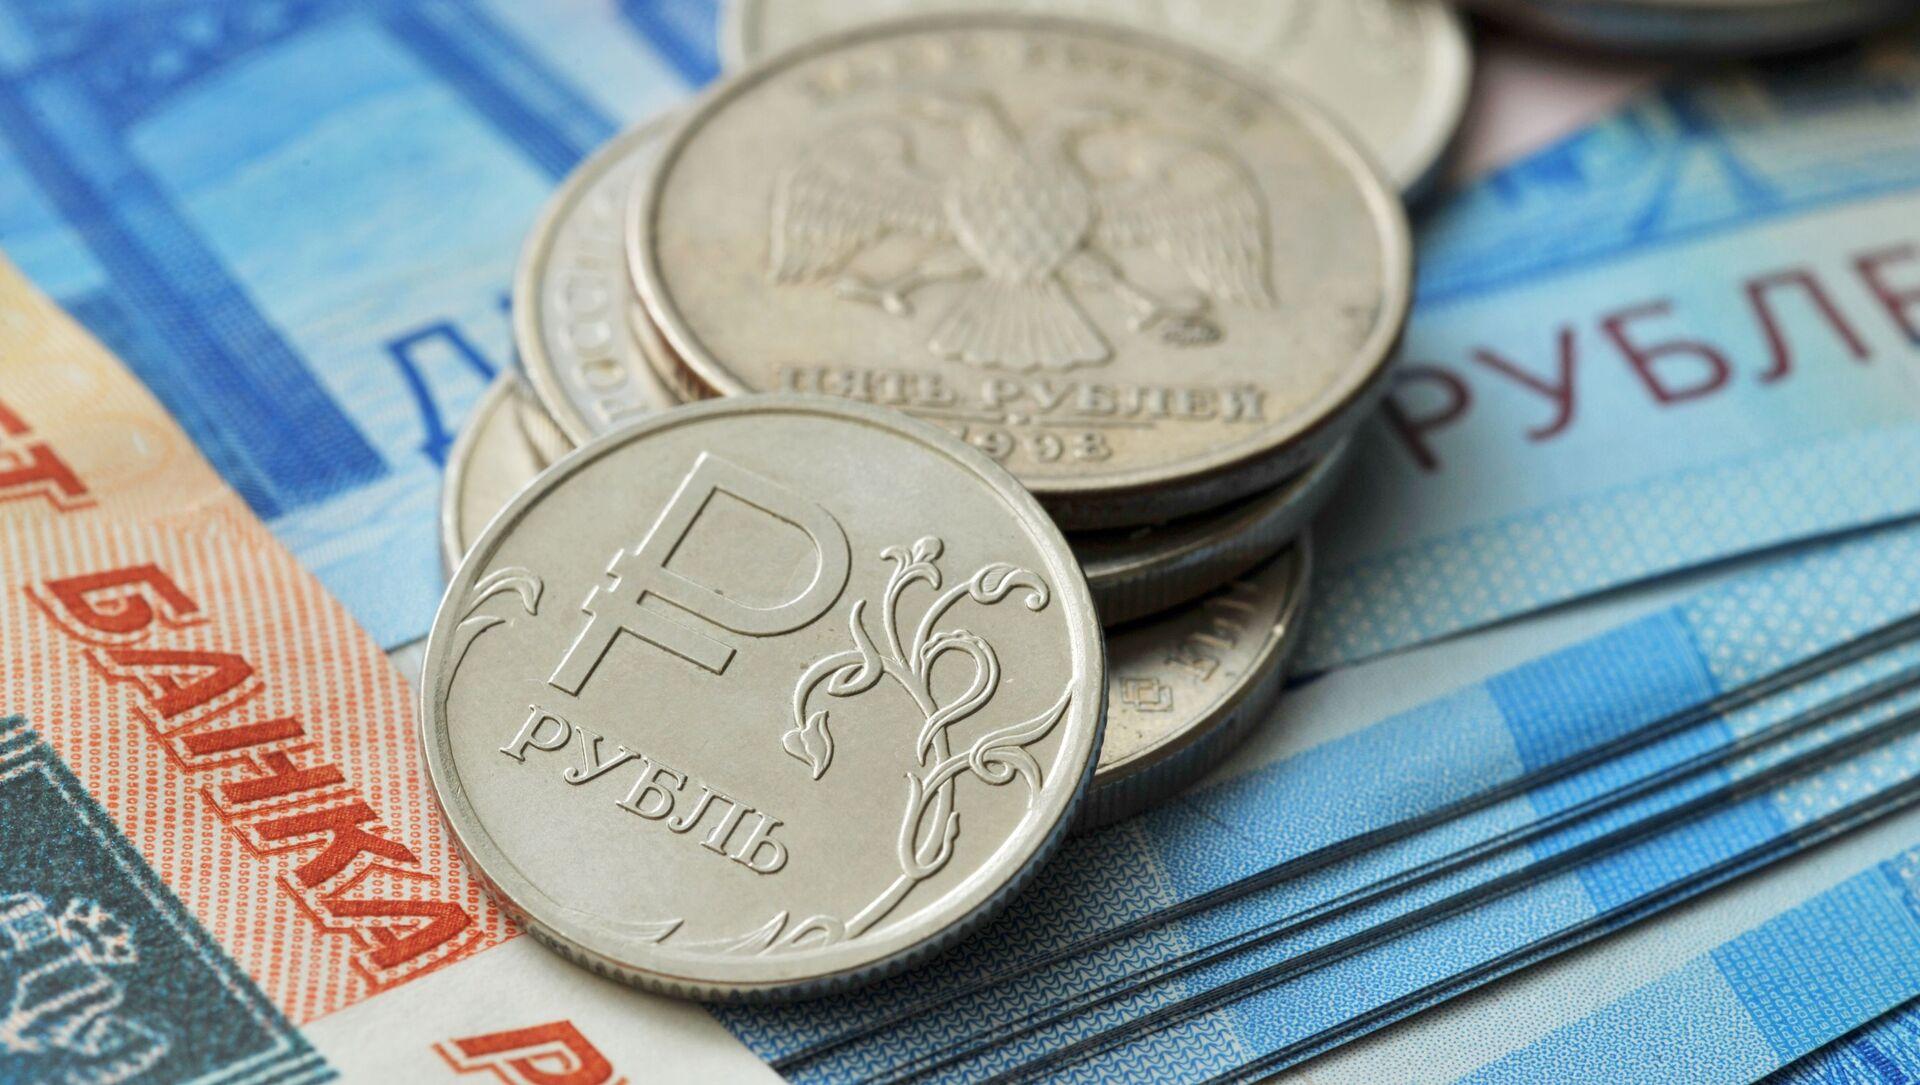 Монета номиналом 1 рубль и банкноты номиналом 2000 рублей и 5000 рублей. - Sputnik Аҧсны, 1920, 24.09.2021